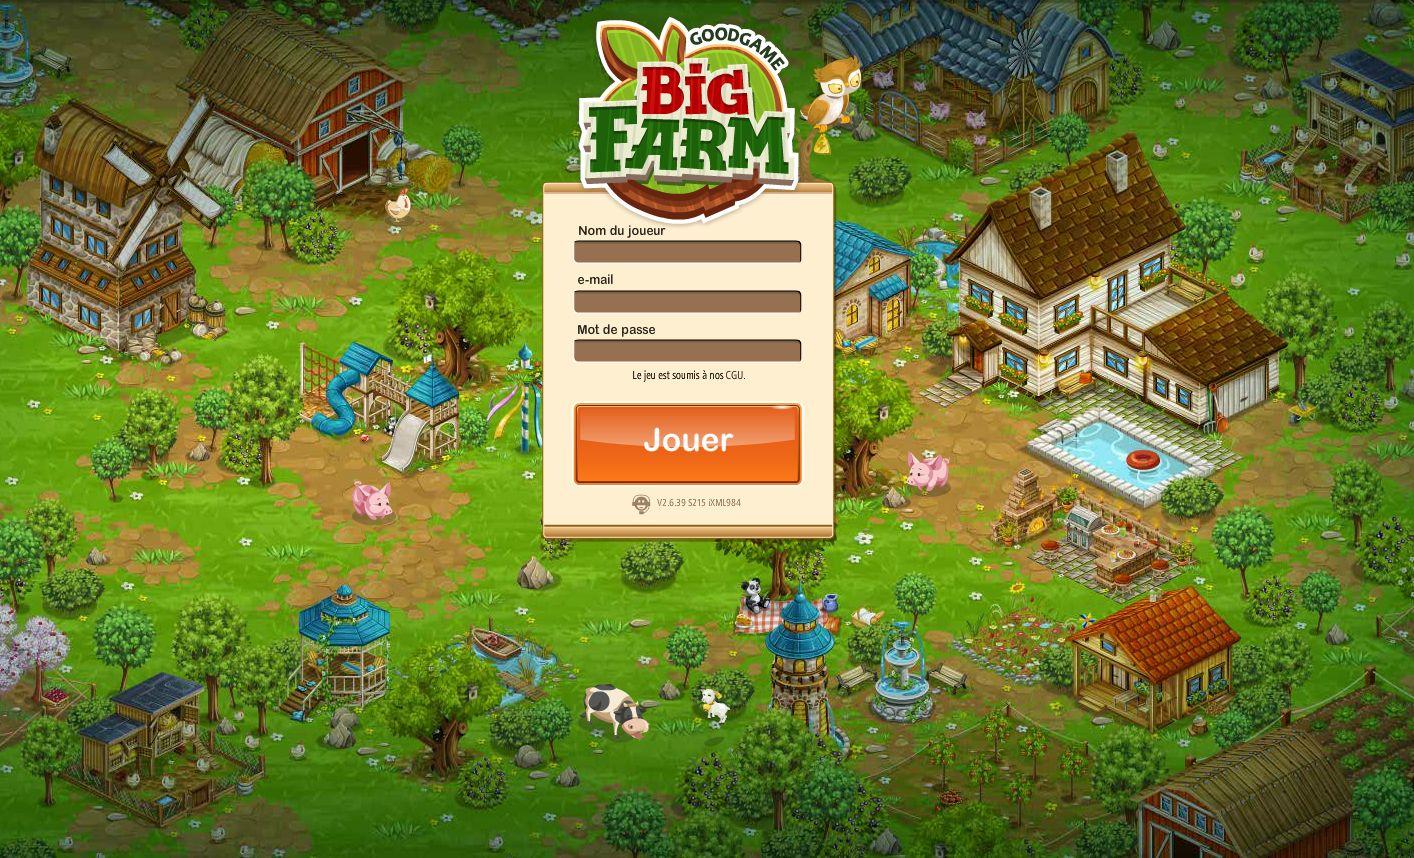 Big Farm - Aperçu - Game-Guide à Jeux En Ligne De Ferme